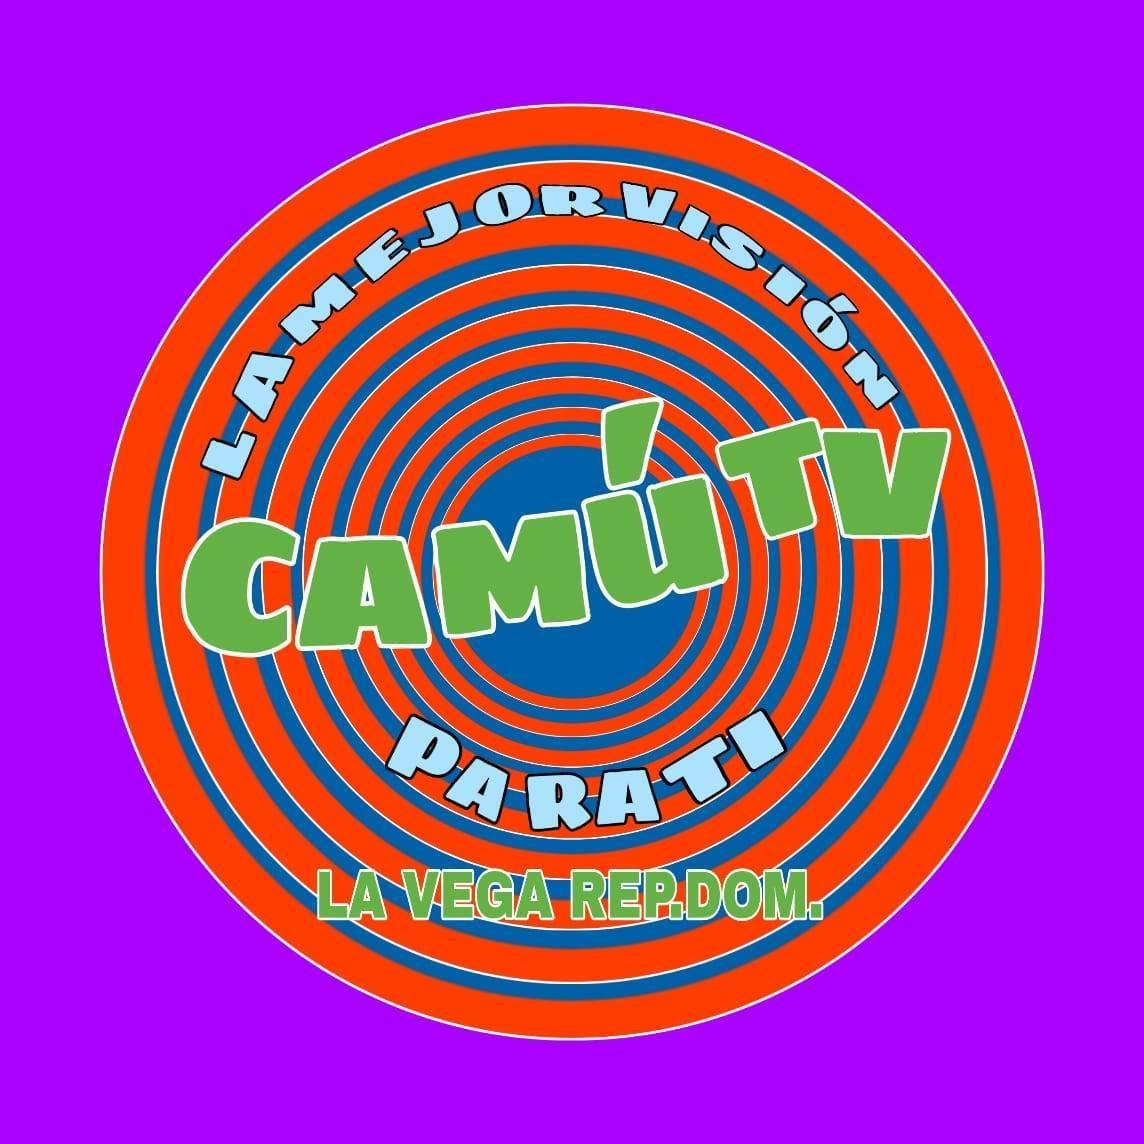 CAMU TV